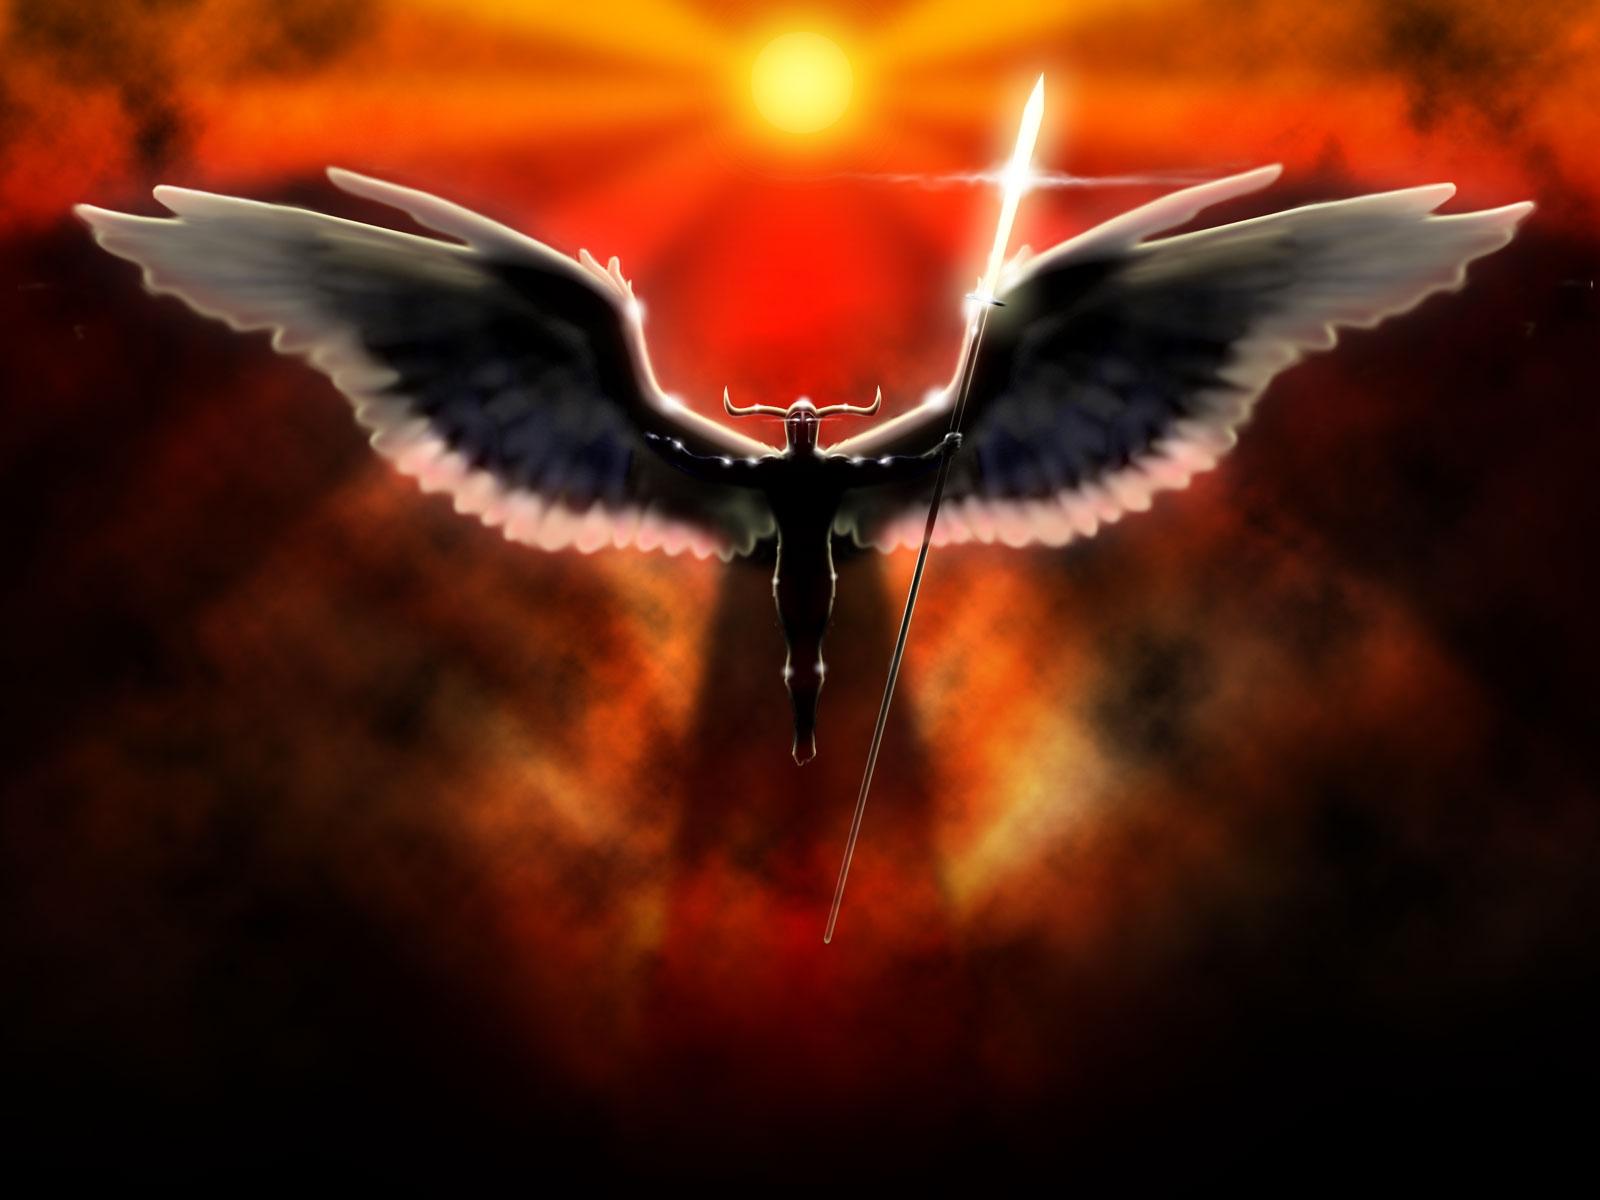 http://2.bp.blogspot.com/_rQxZMJtcby0/S-icEghBBHI/AAAAAAAAAmA/EKNp-UybodE/s1600/Ares_-_God_of_War_-_Wallpaper.jpg